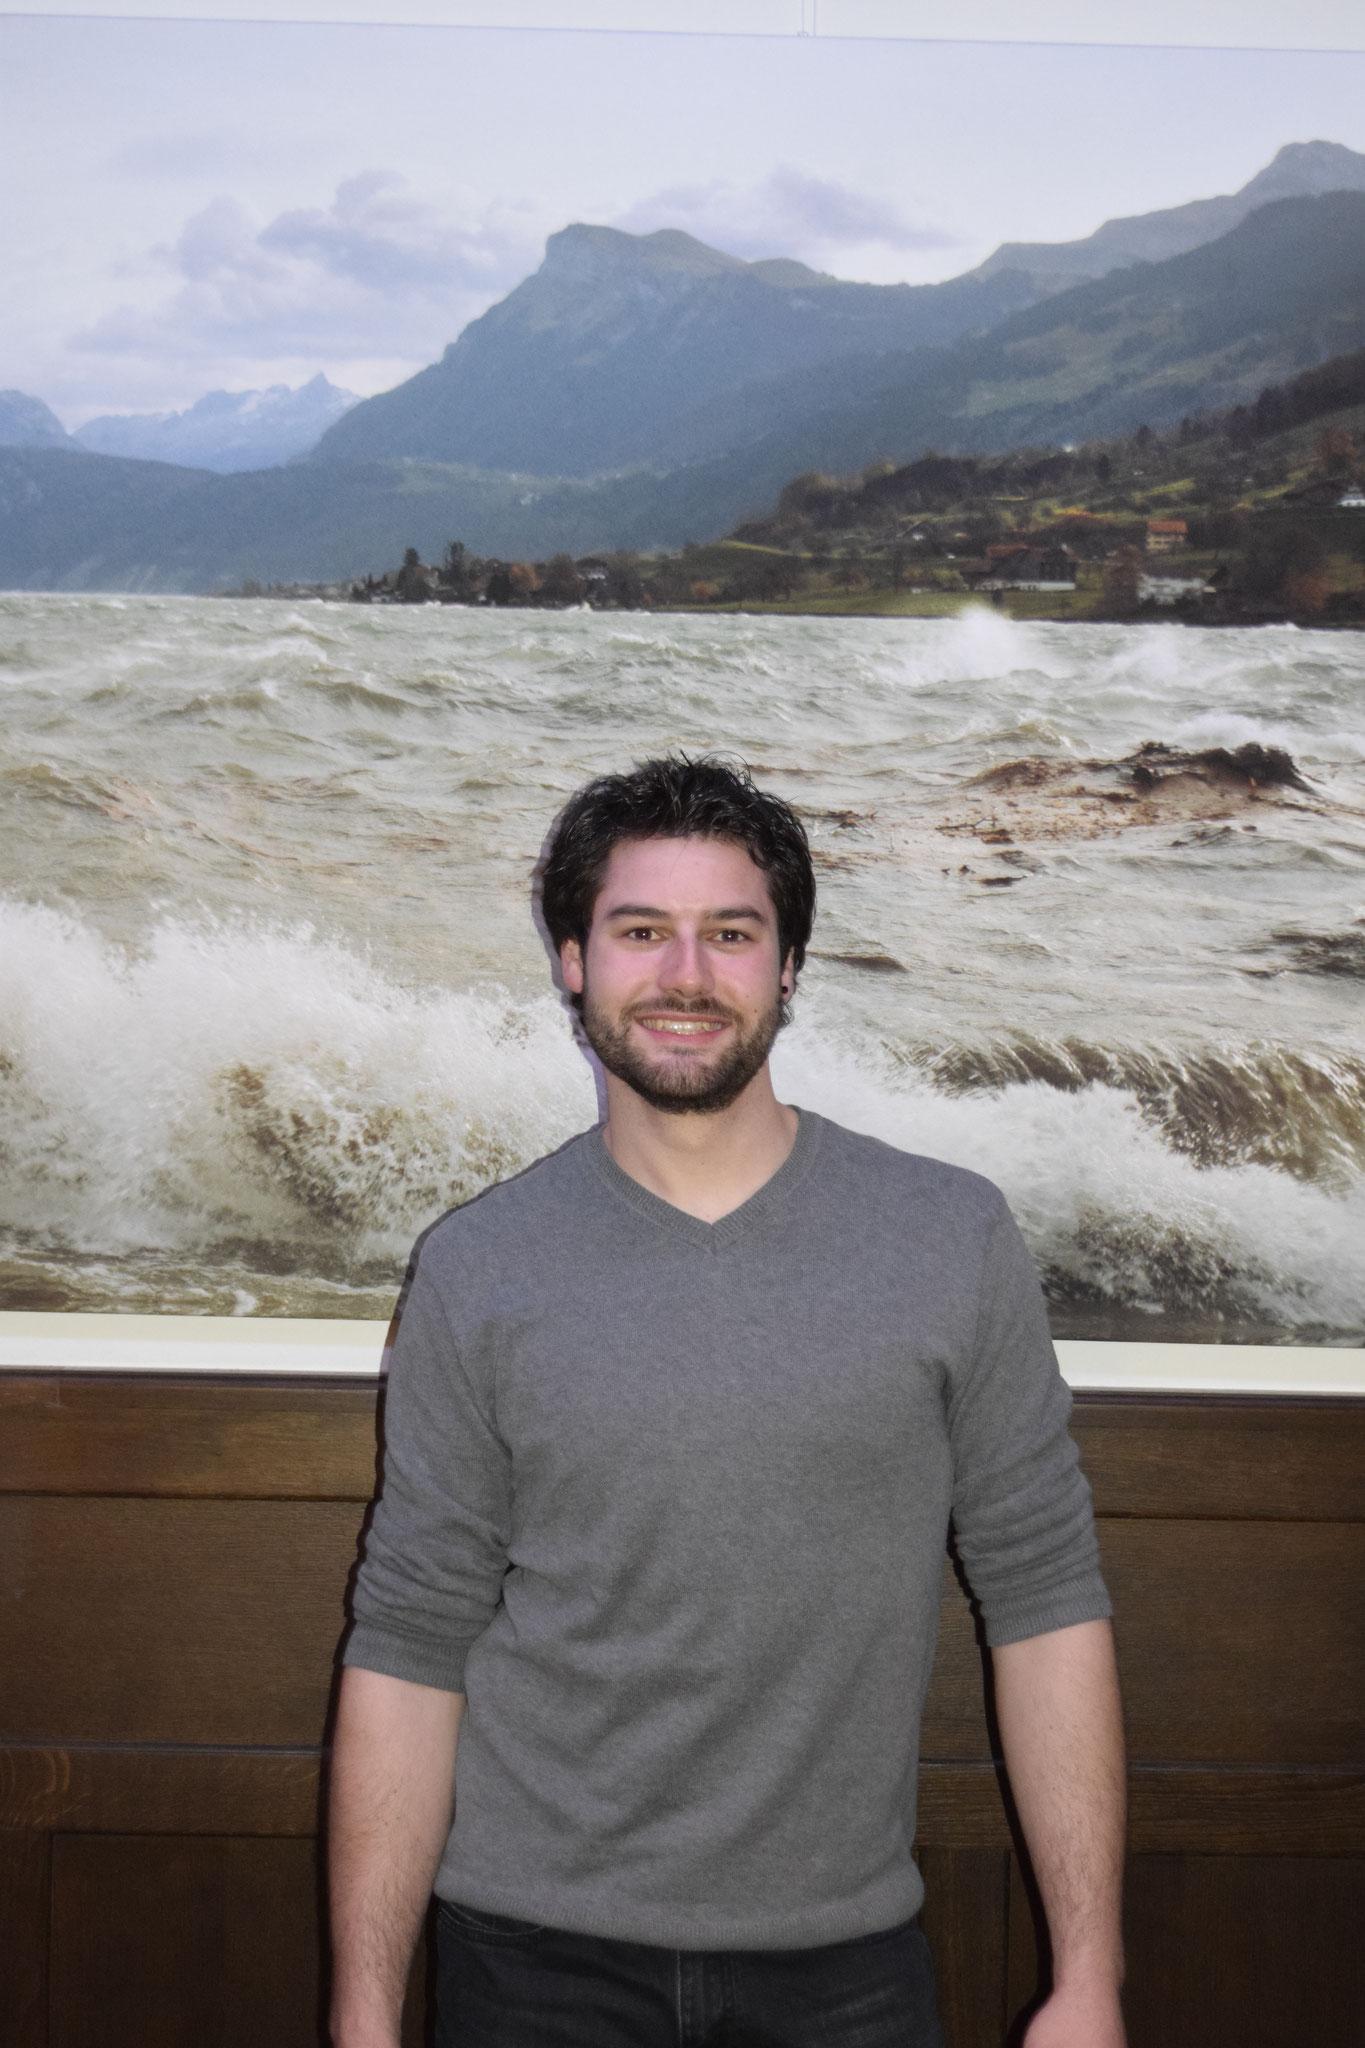 Vize und Sportchef: Alessandro Scherrer